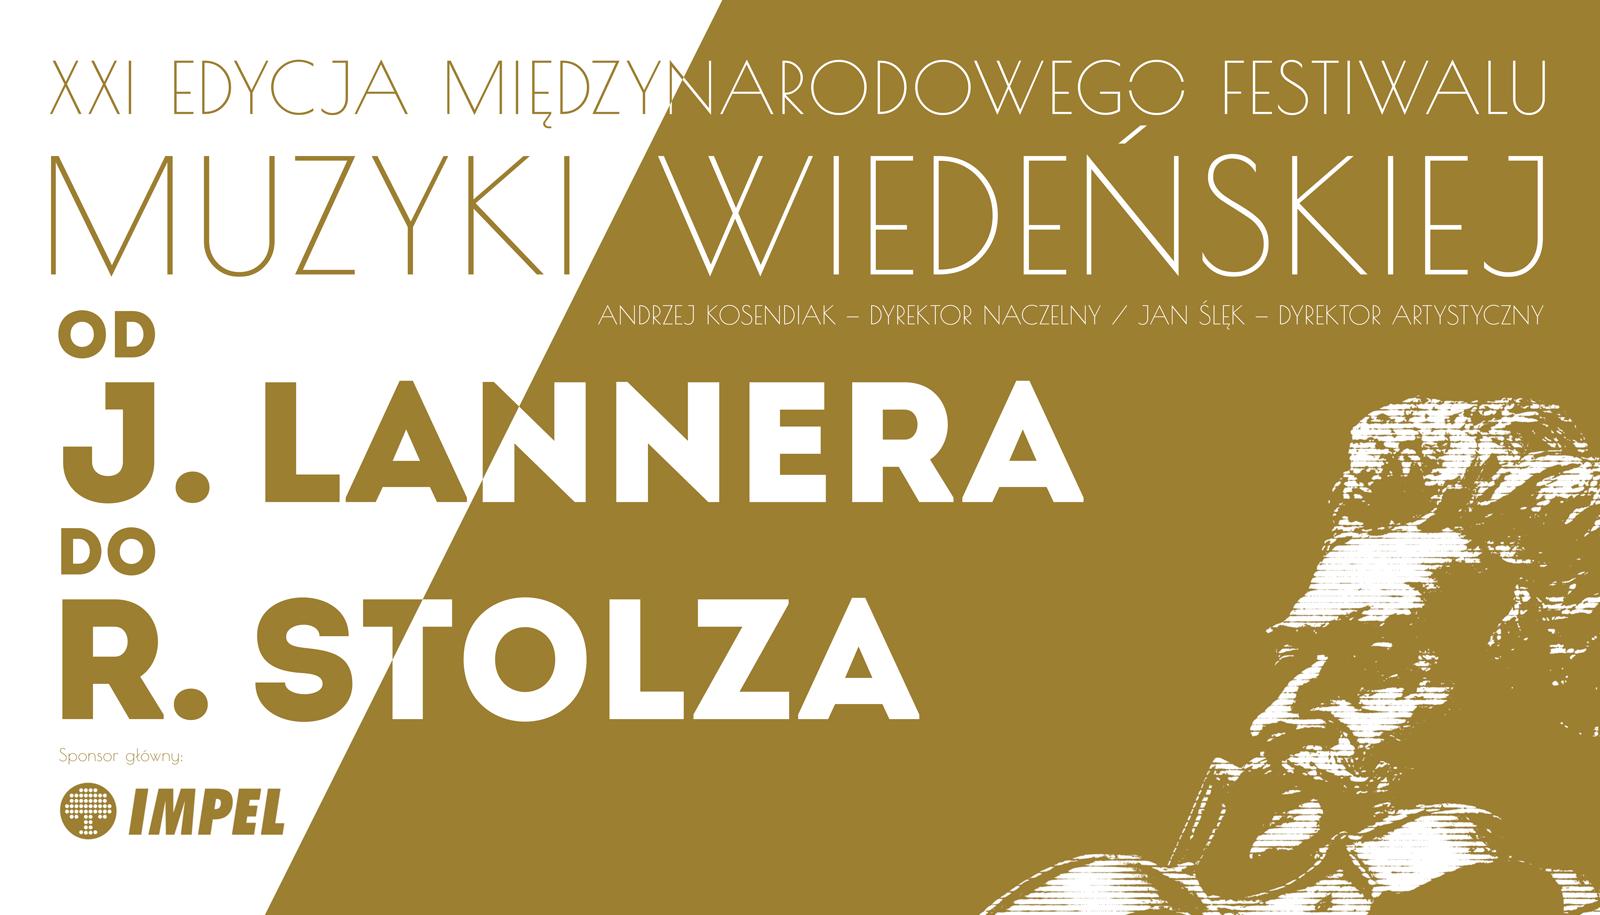 XXI Międzynarodowy Festiwal Muzyki Wiedeńskiej (źródło: materiały prasowe organizatora)